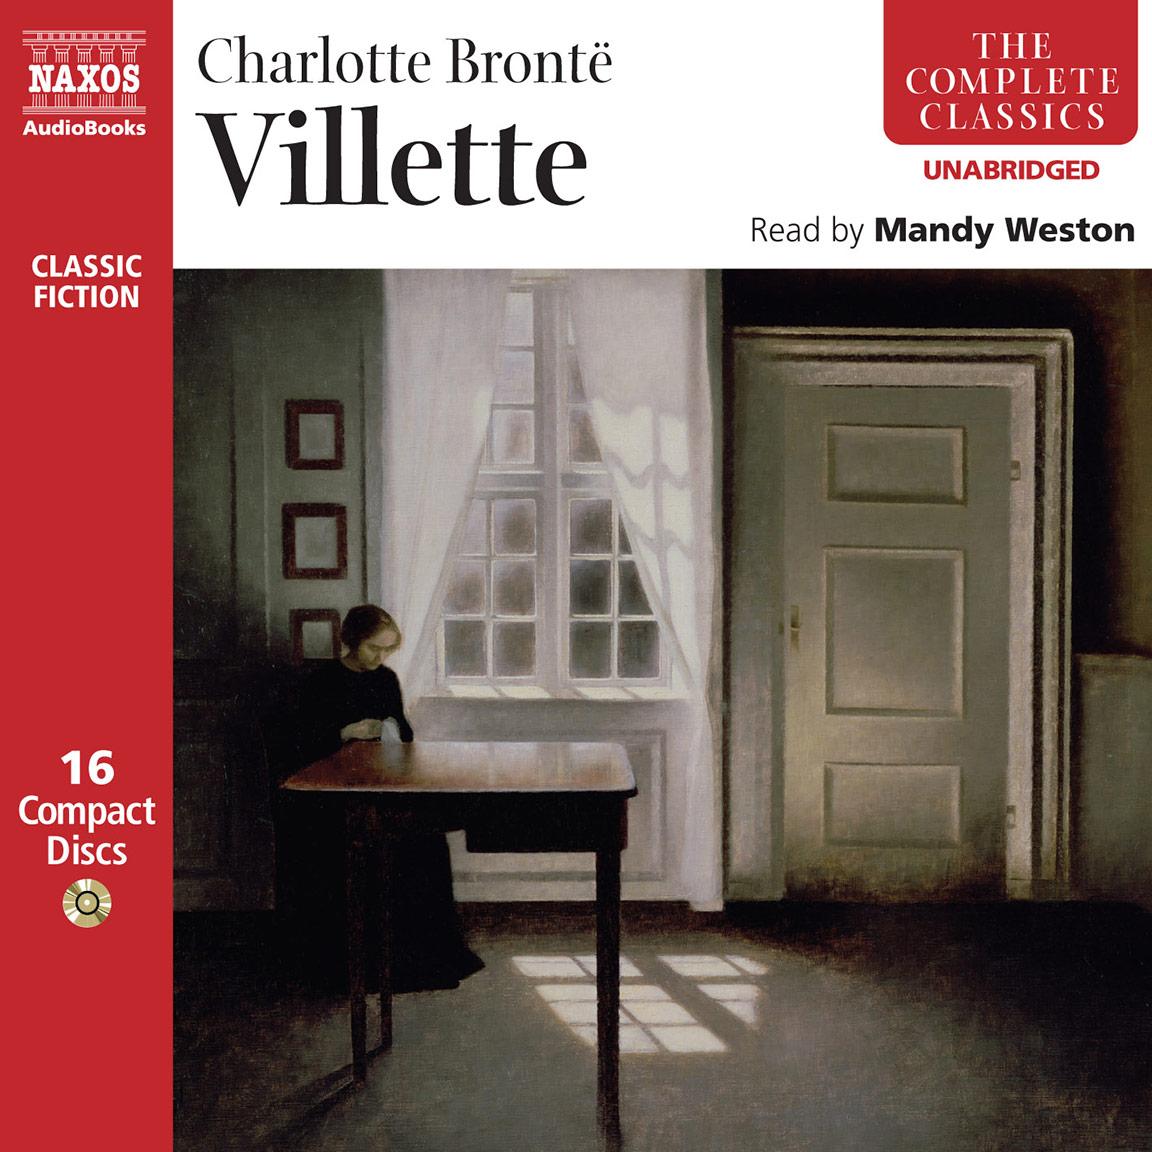 Villette (unabridged)